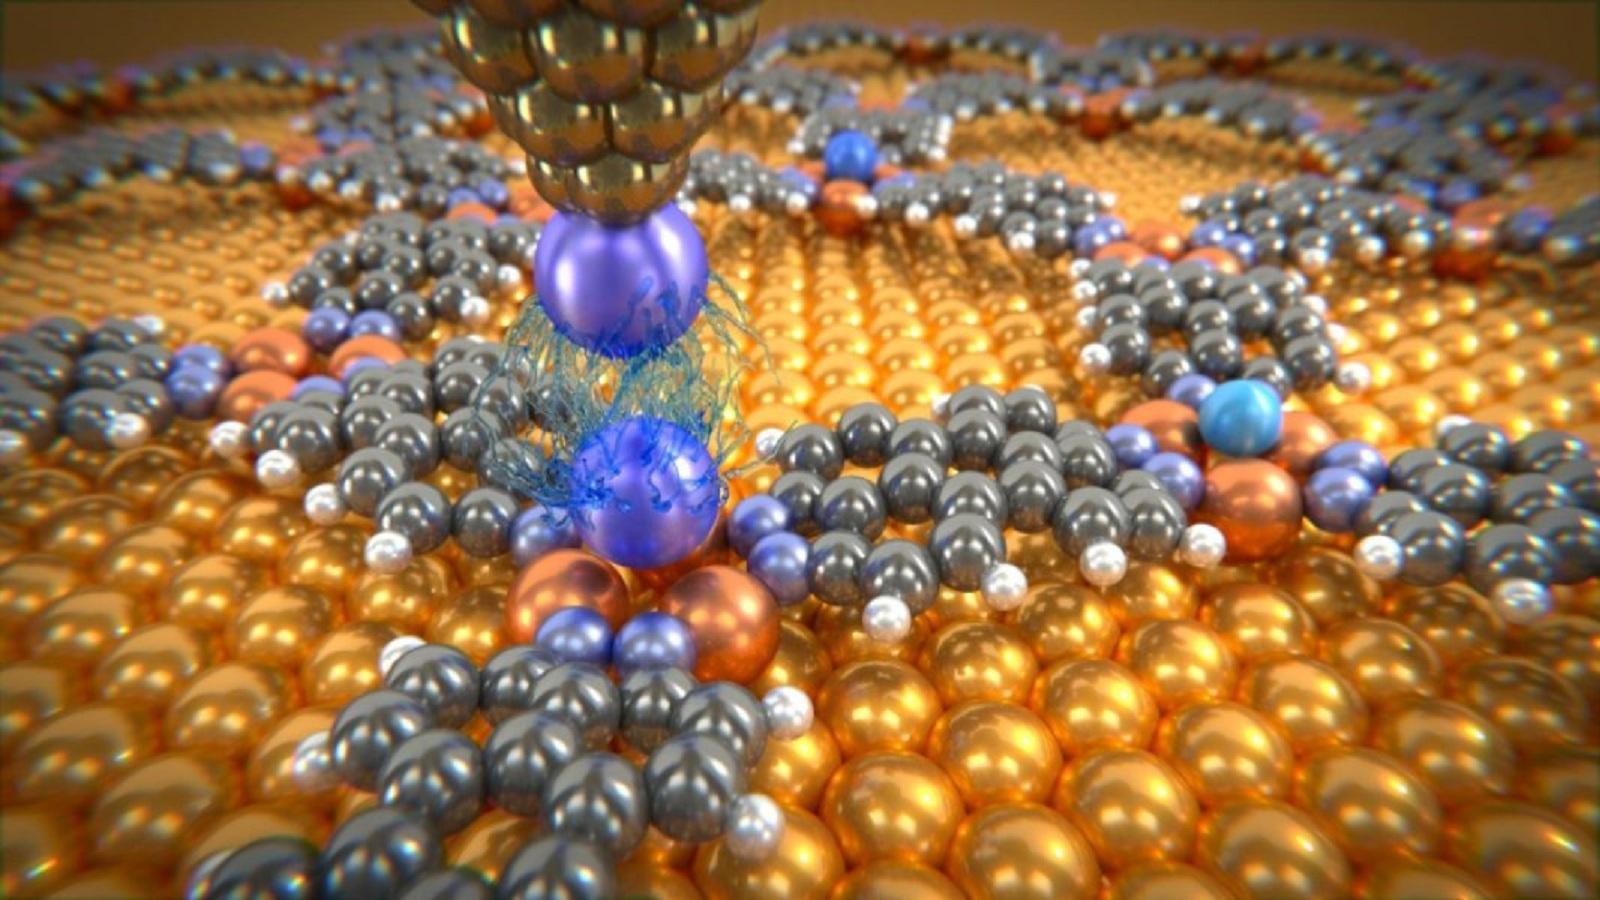 Átomos de gas noble depositados en una red molecular, analizados con la punta de un microscopio, a la que se ha añadido un átomo de xenón. Las mediciones han proporcionado información sobre las débiles fuerzas de van der Waals entre estos átomos individuales. Fuente: Departamento de física de la Universidad de Basilea.